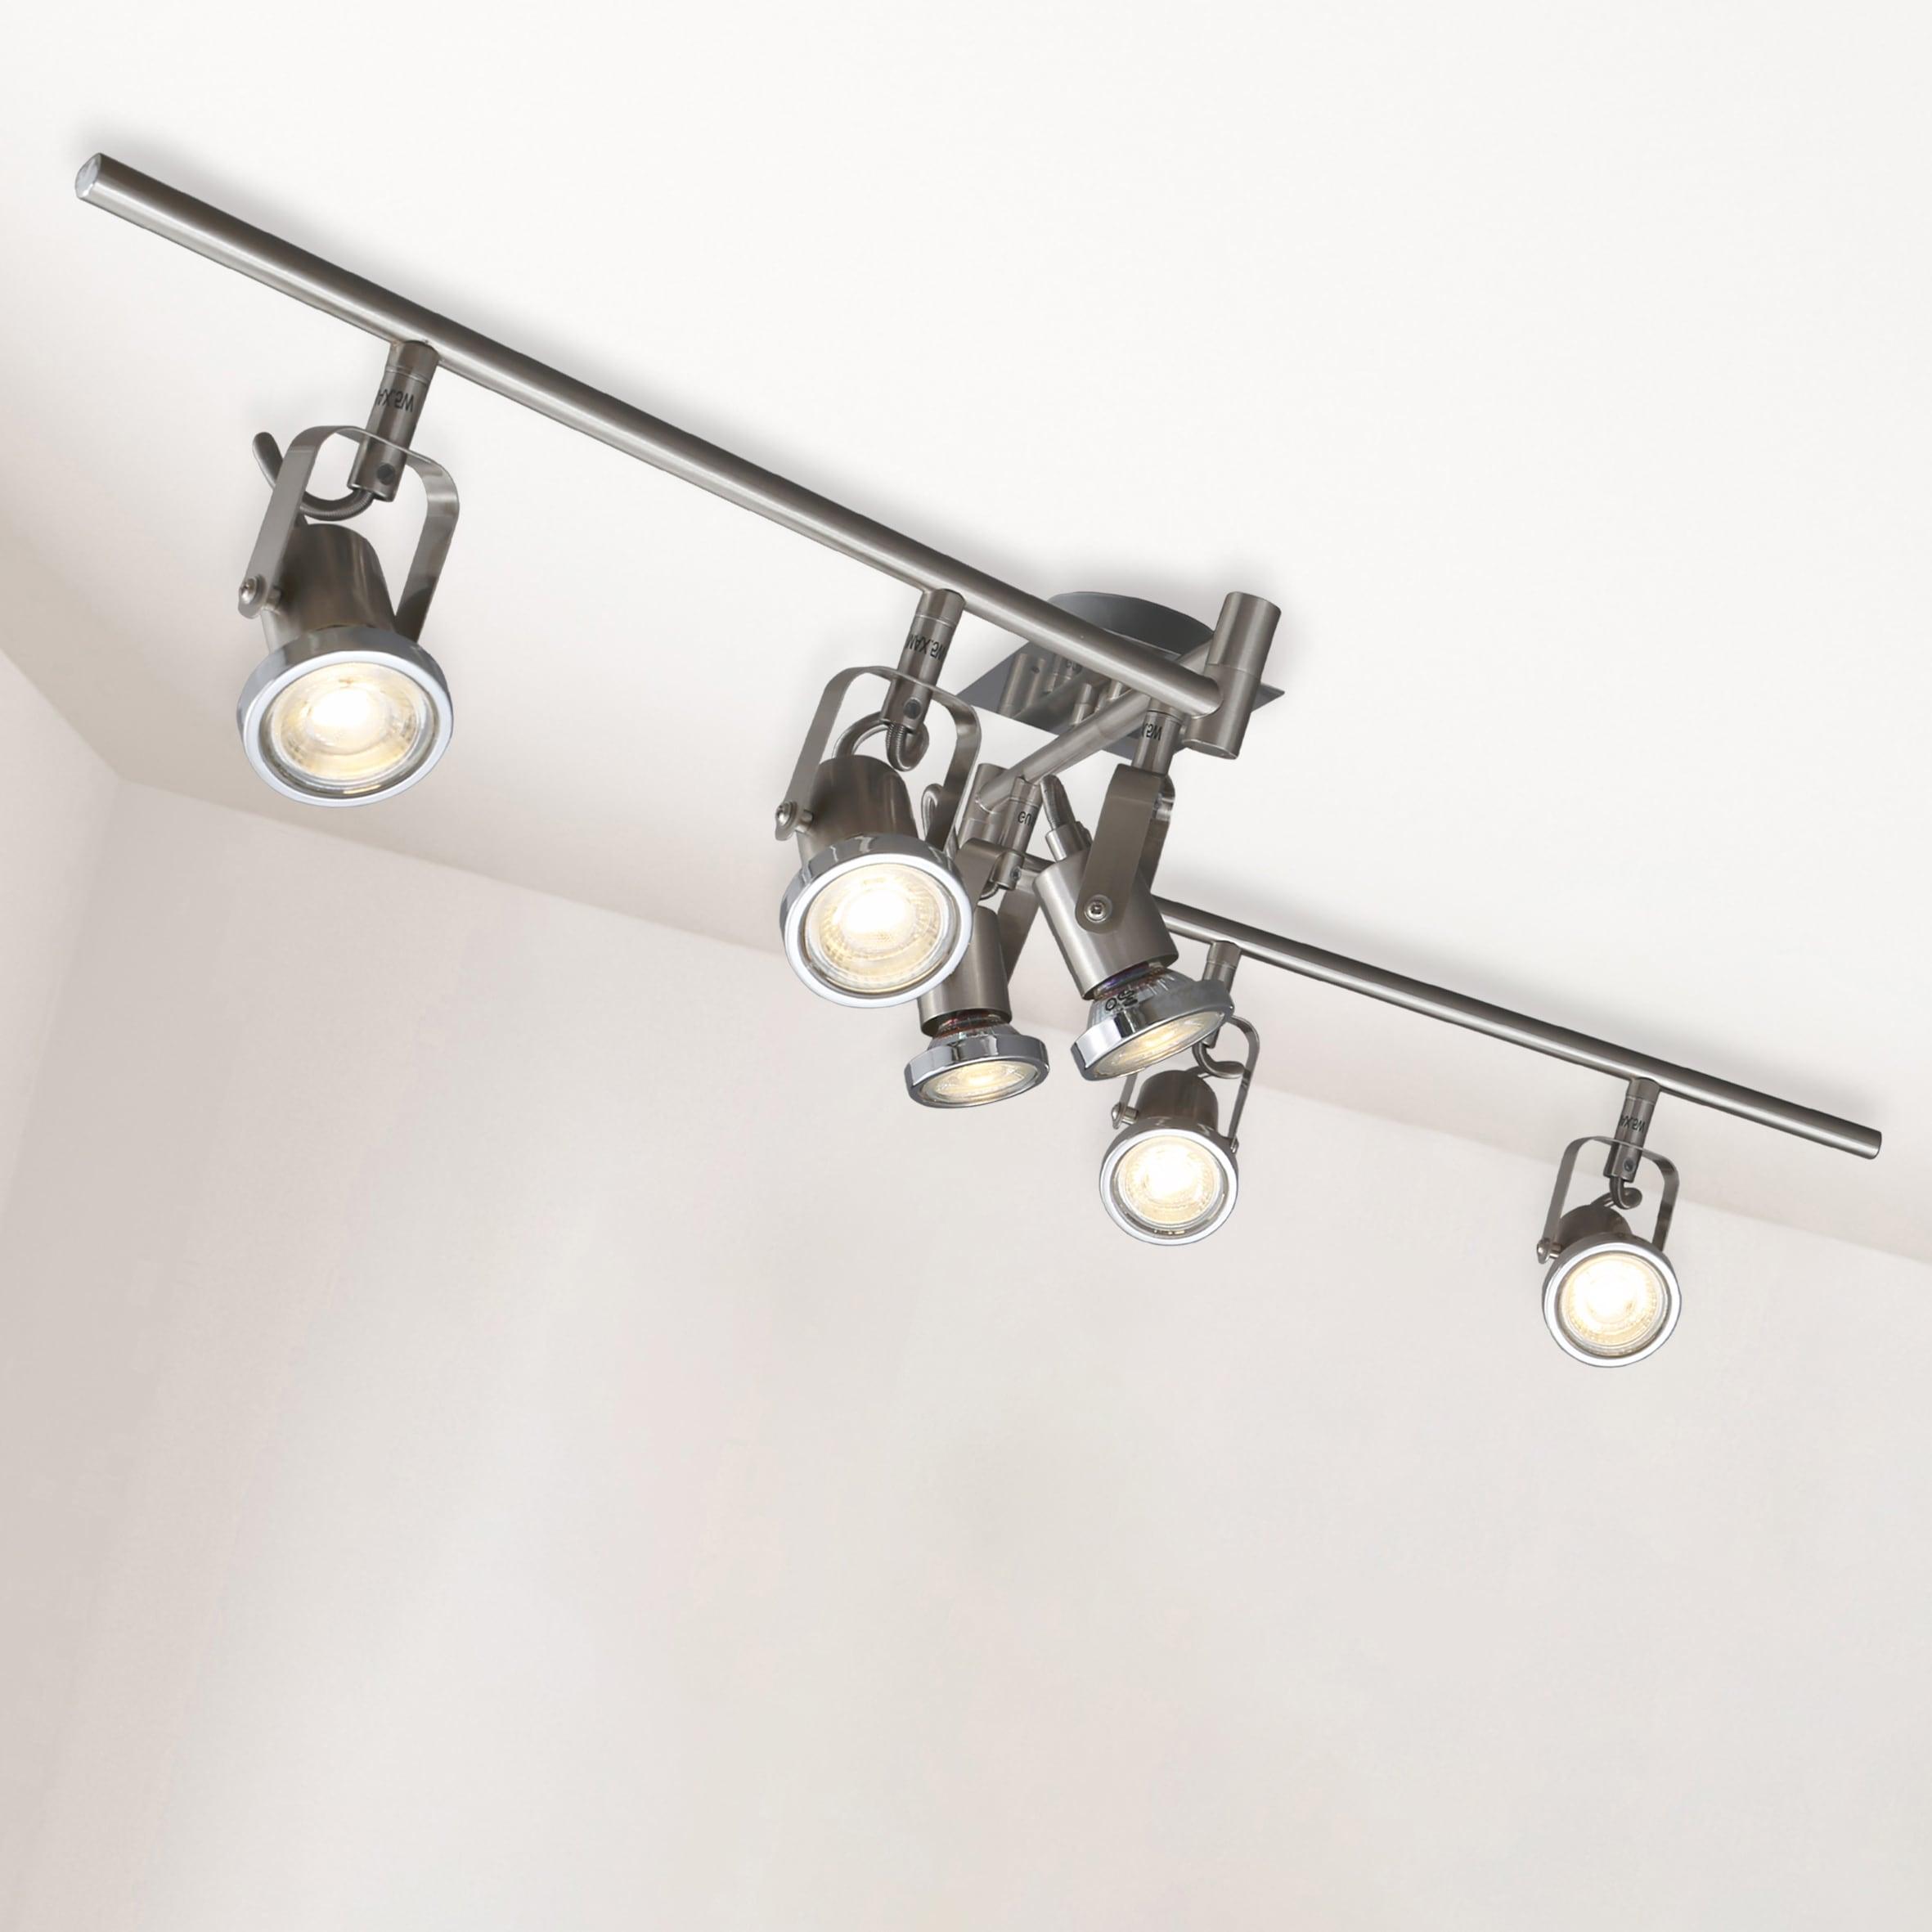 B.K.Licht LED Deckenspots Phönix 6, GU10, Warmweiß, LED Deckenstrahler Deckenleuchte Lampe modern Spot-Leuchte Spotlights inkl.5W 400lm